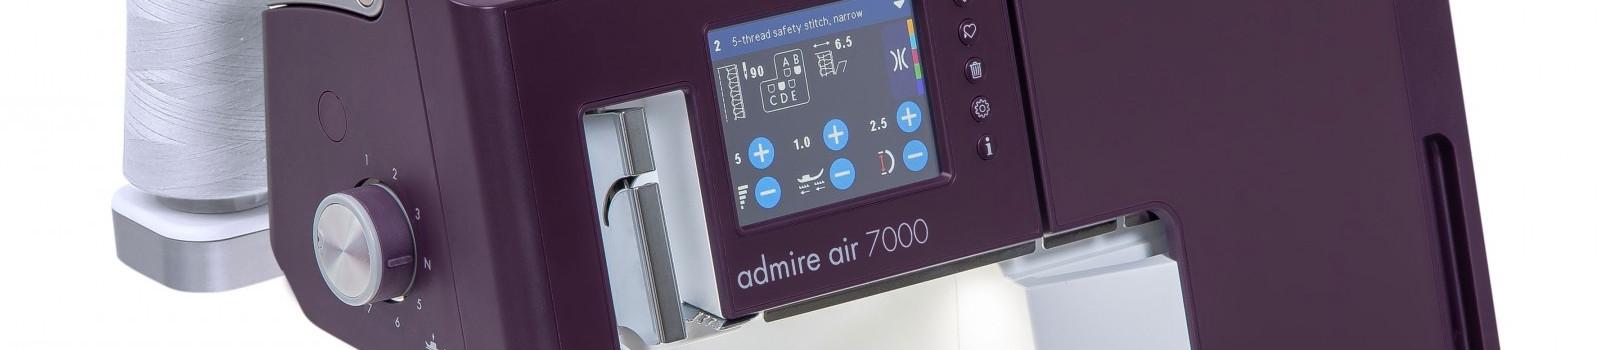 PFAFF admire air 7000